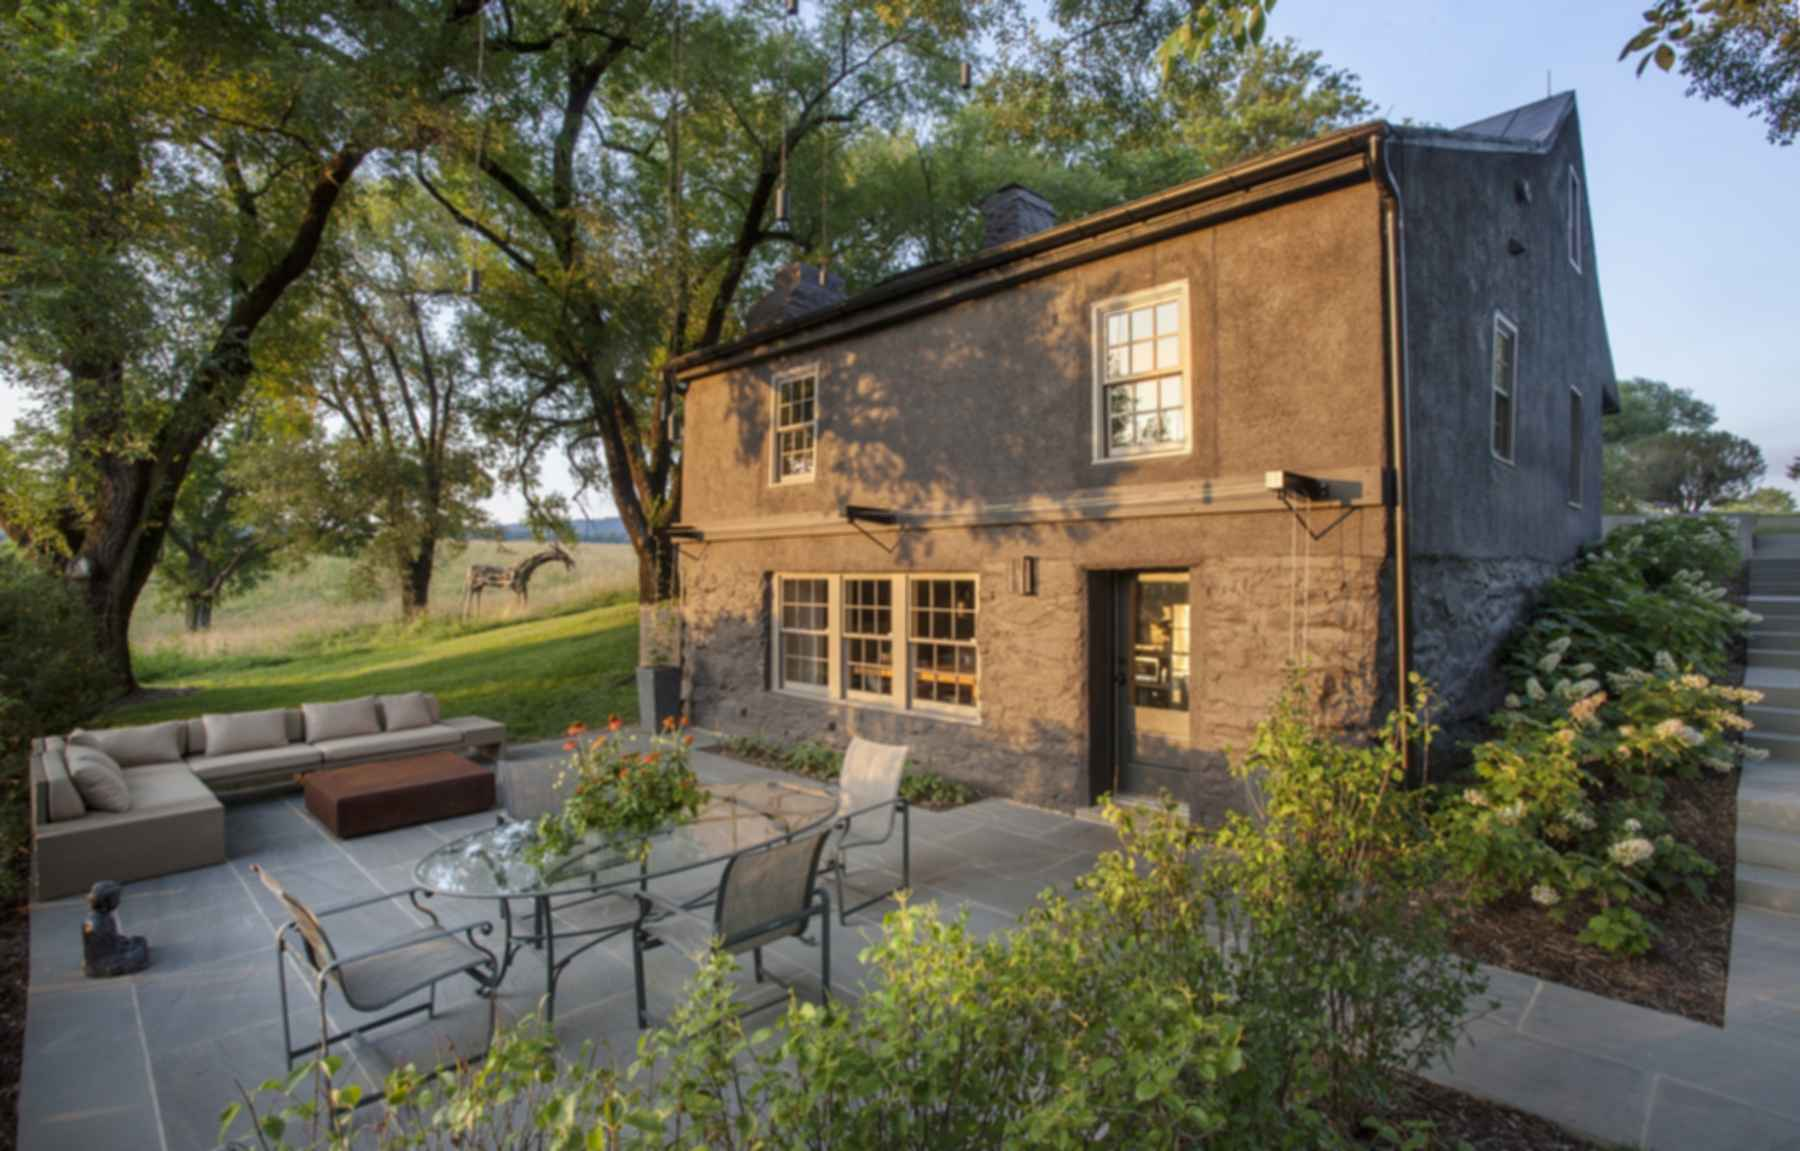 Heirloom Farm Cottage - Exterior